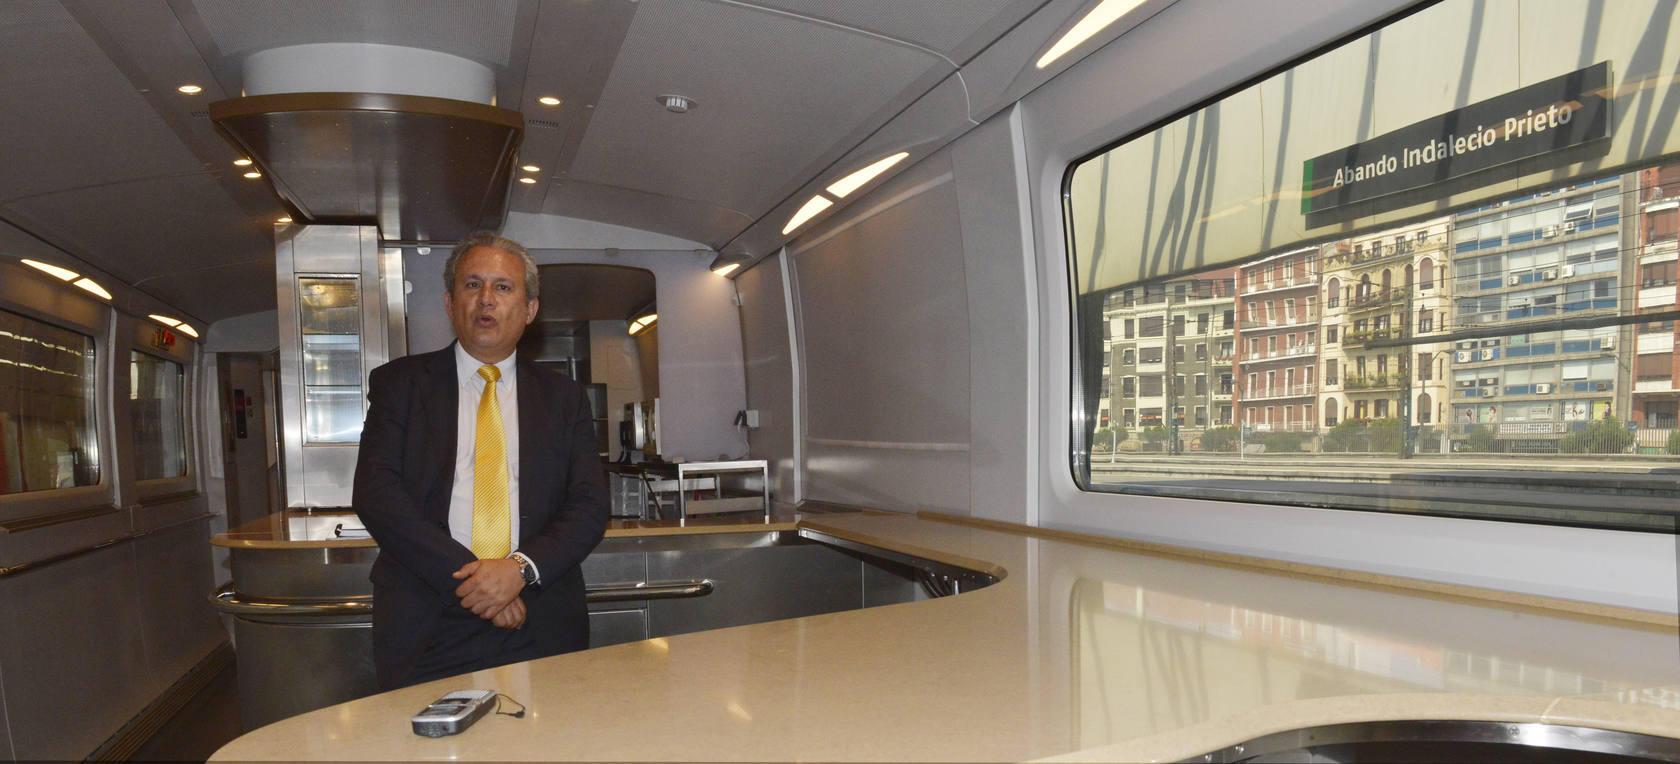 Renfe moderniza el servicio Bilbao-Málaga con nuevos trenes y mejores tiempos de viaje